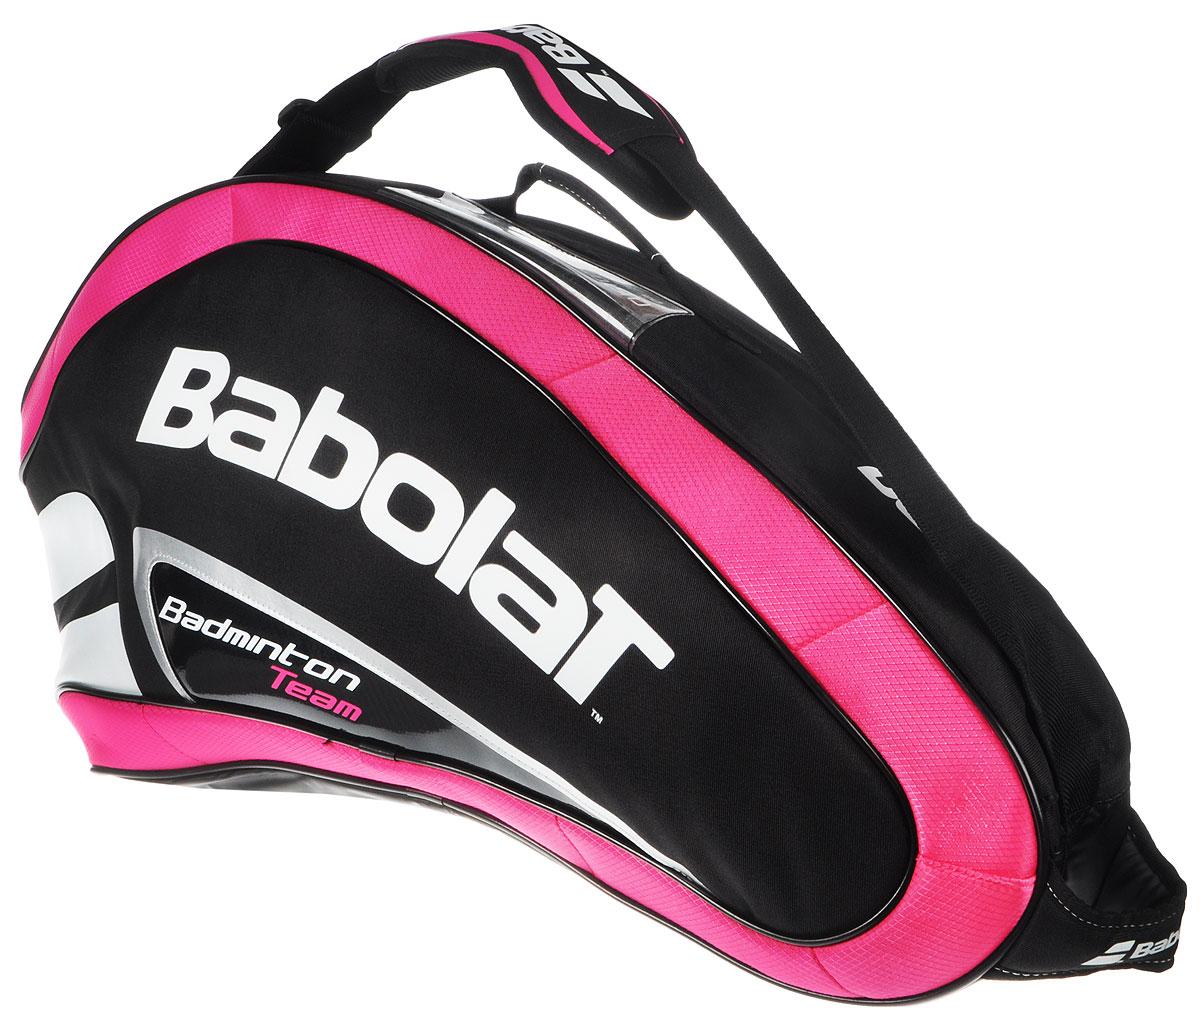 Чехол Babolat  Team Line , на 4 бадминтонные ракетки, цвет: розовый, черный, белый - Бадминтон